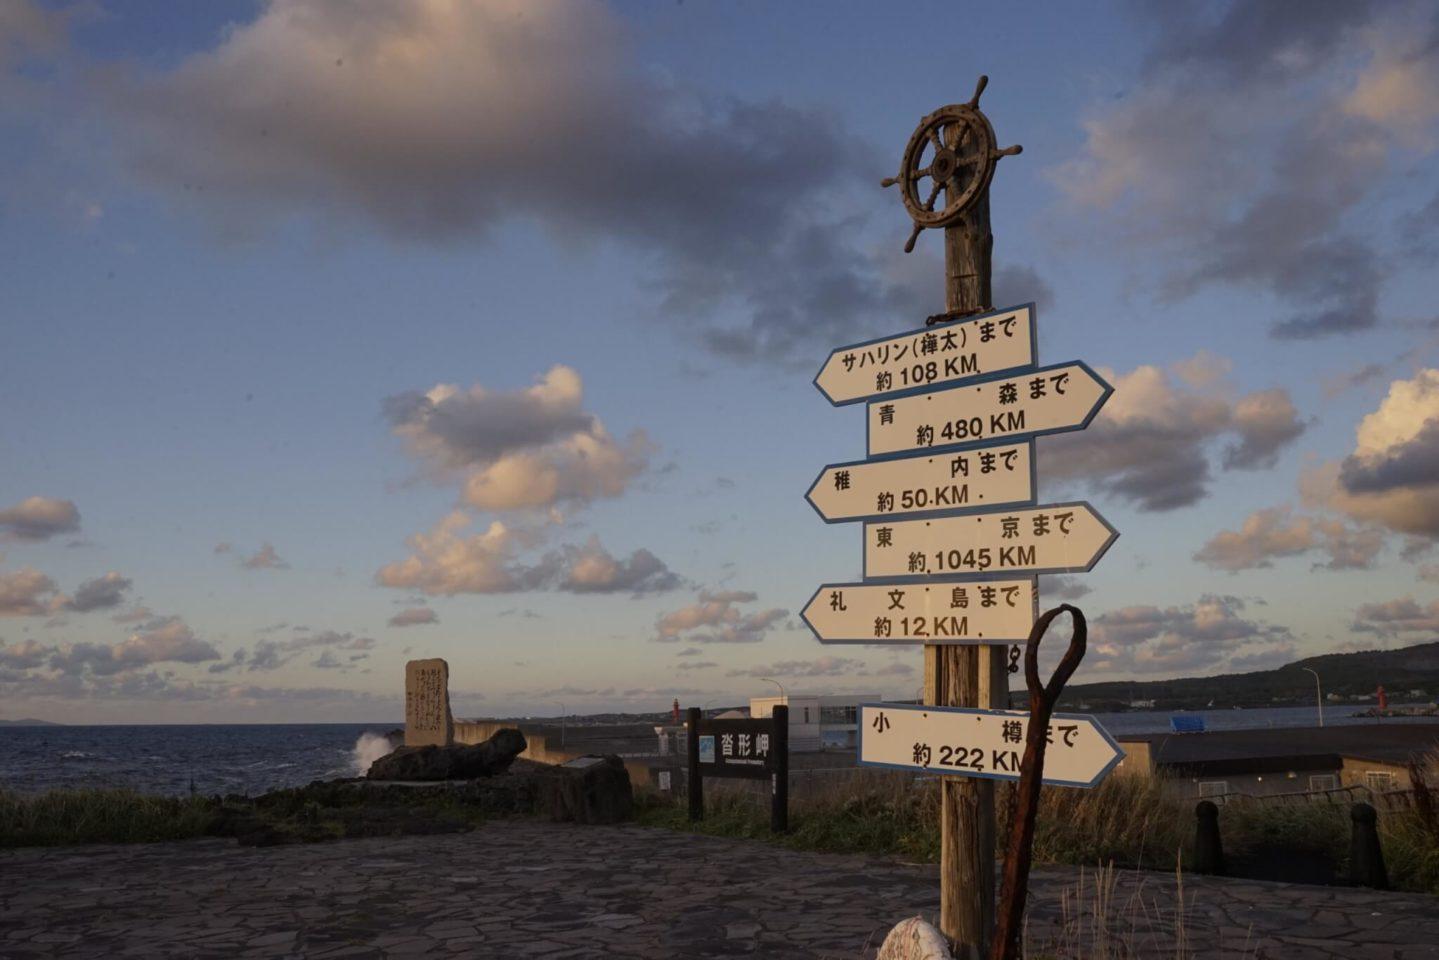 DSC9135 scaled - 【北海道 利尻島】感じる、食べる、くつろぐ、黄昏る、登る!利尻島に来たらやるしかない!利尻島5つの楽しみ方!